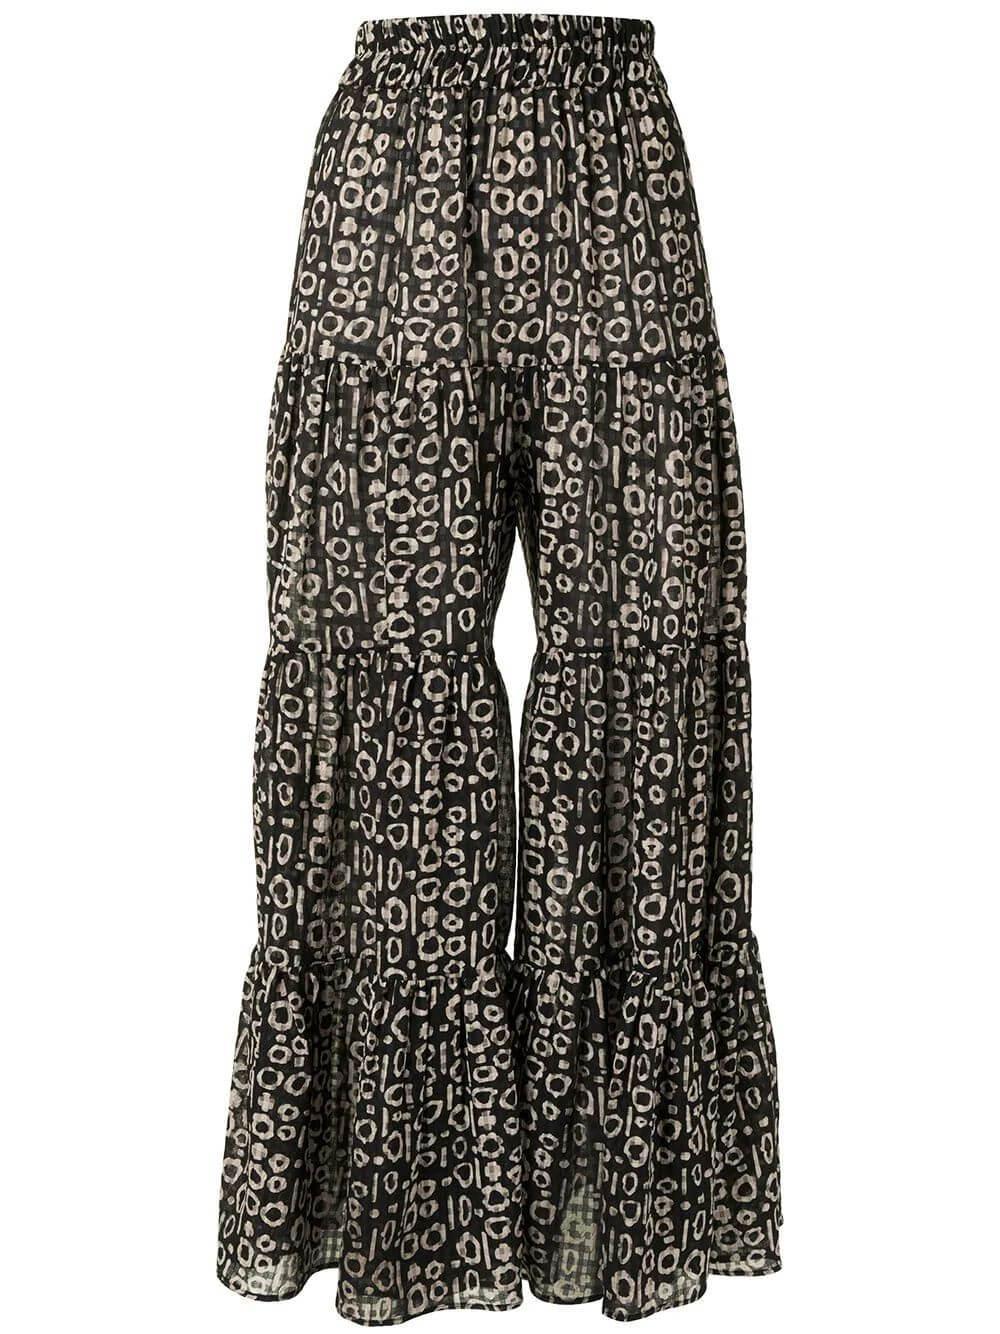 Farida Abstract Pants Item # A5210604-6756